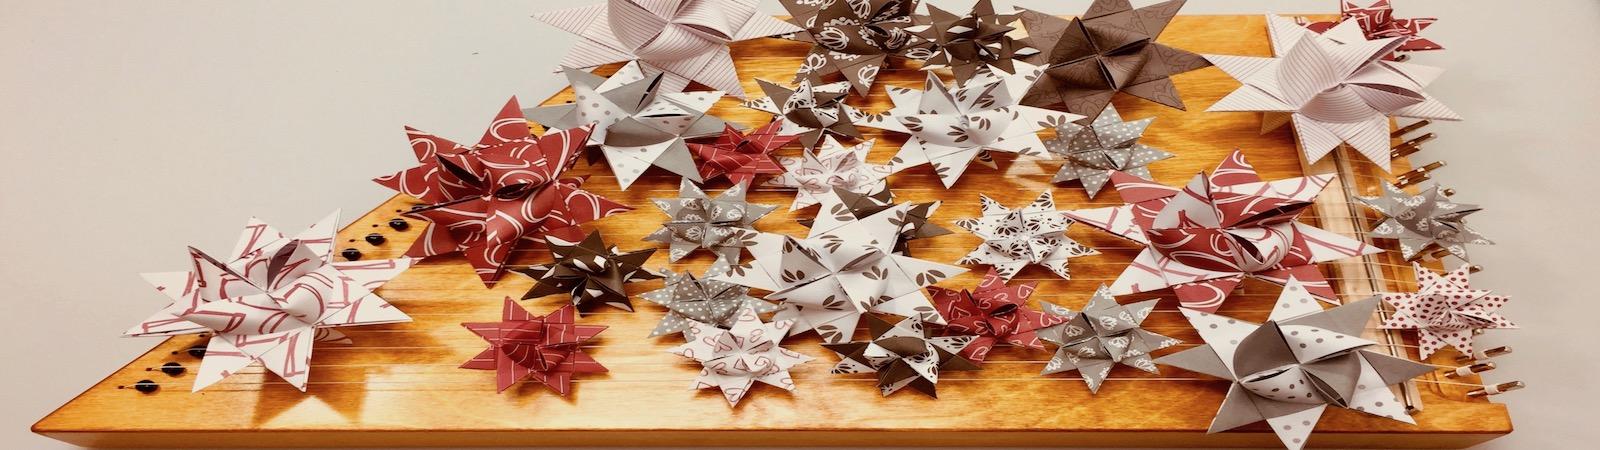 Wir wünschen eine musikreiche Adventszeit!